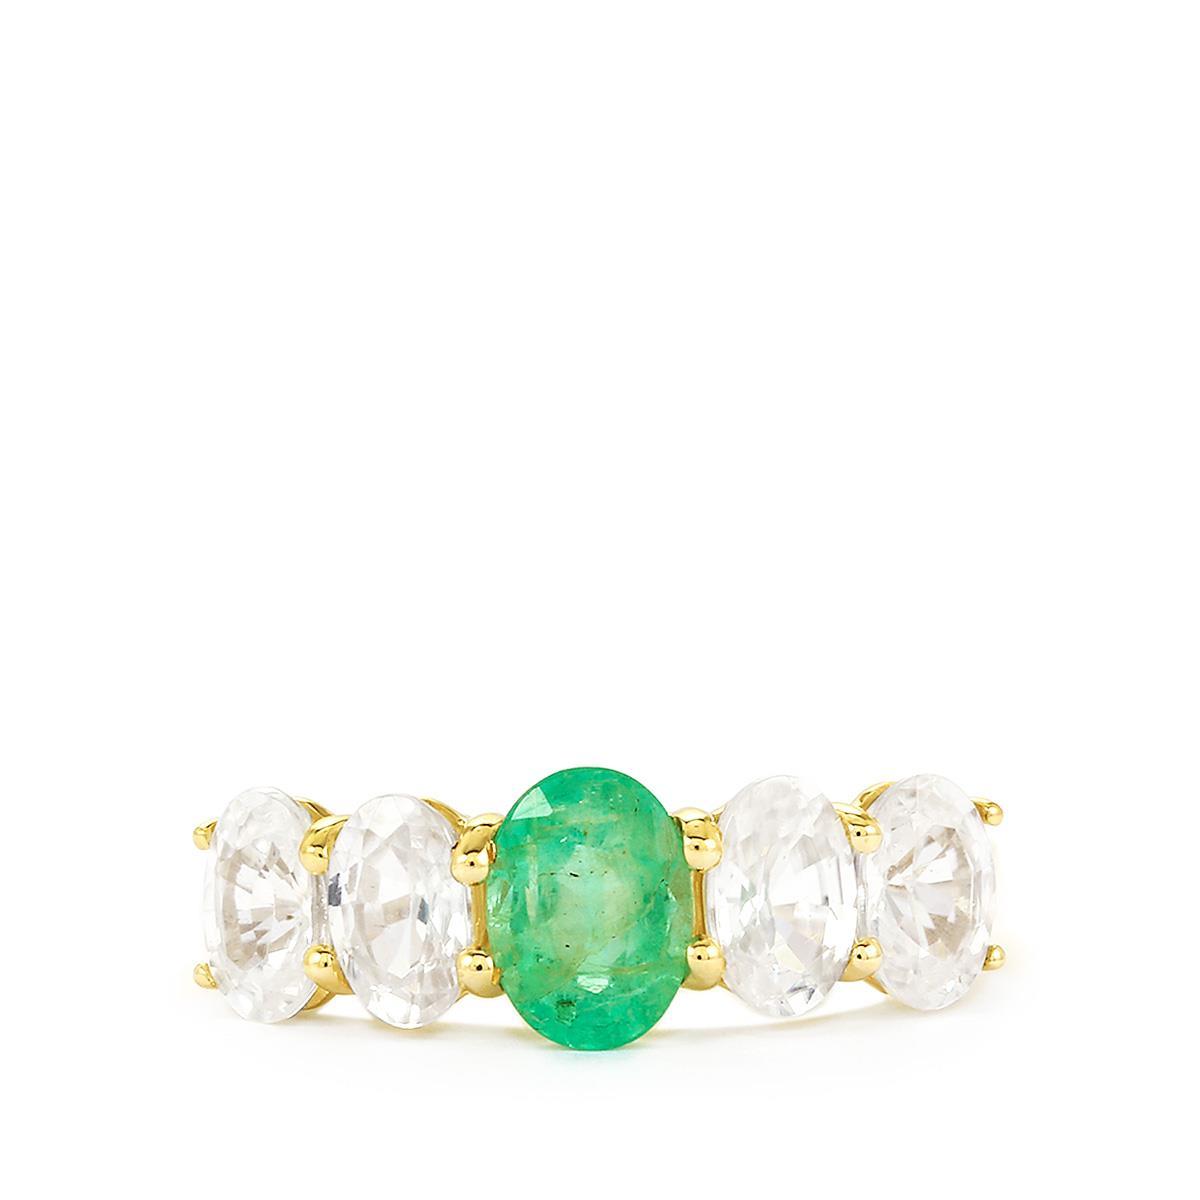 Zambian Emerald Amp White Zircon 10k Gold Ring Atgw 4 19cts